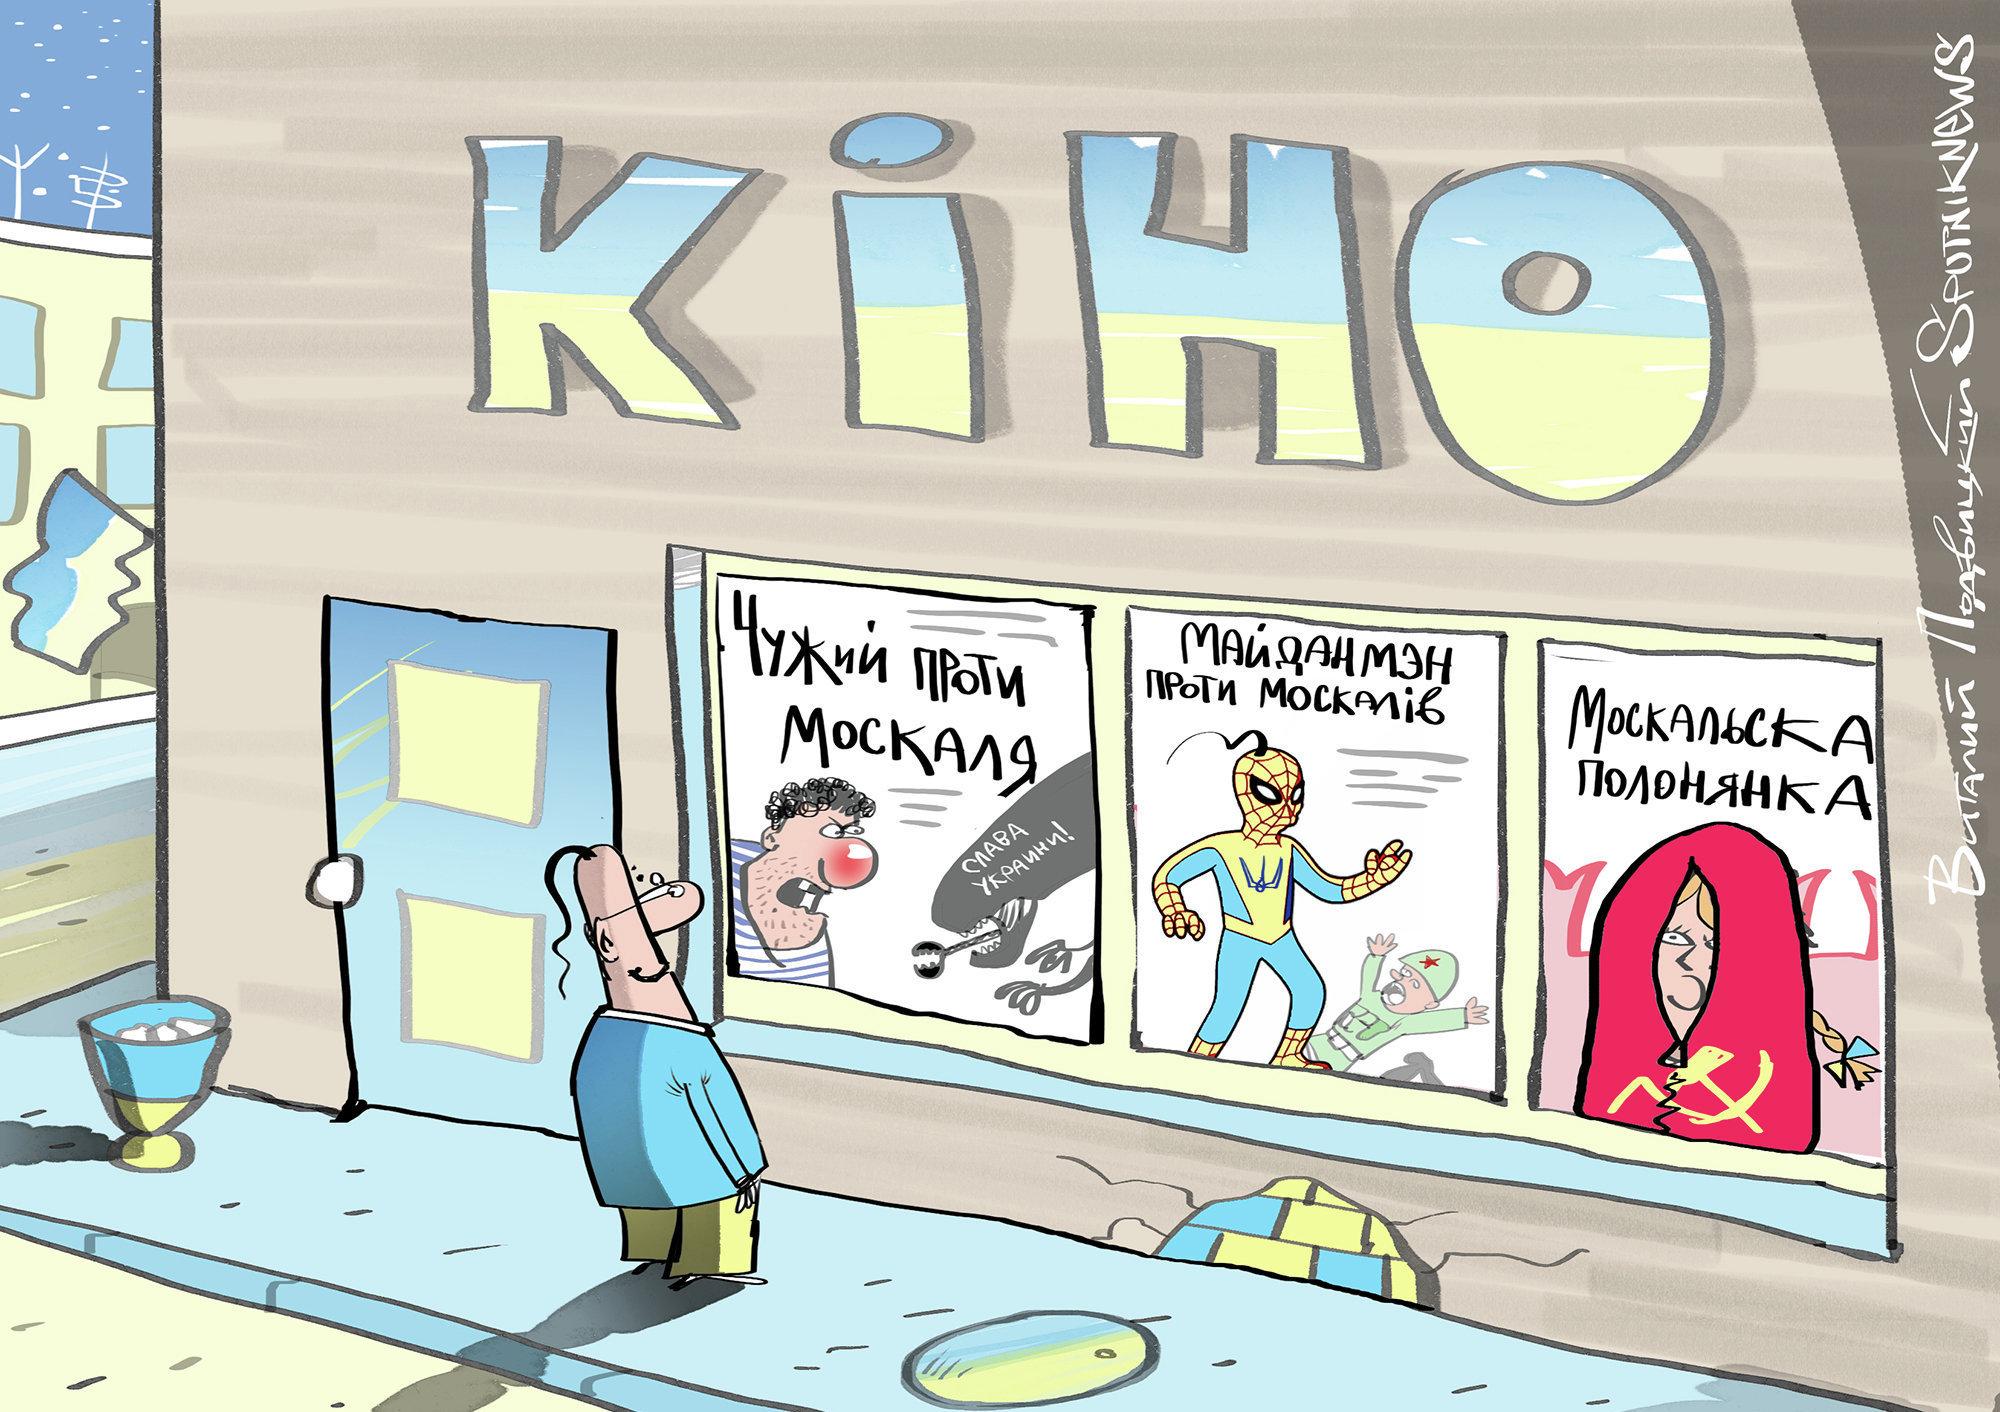 Украинское ТВ обещает неизбежную перемогу: Теперь победить Россию поможет Китай